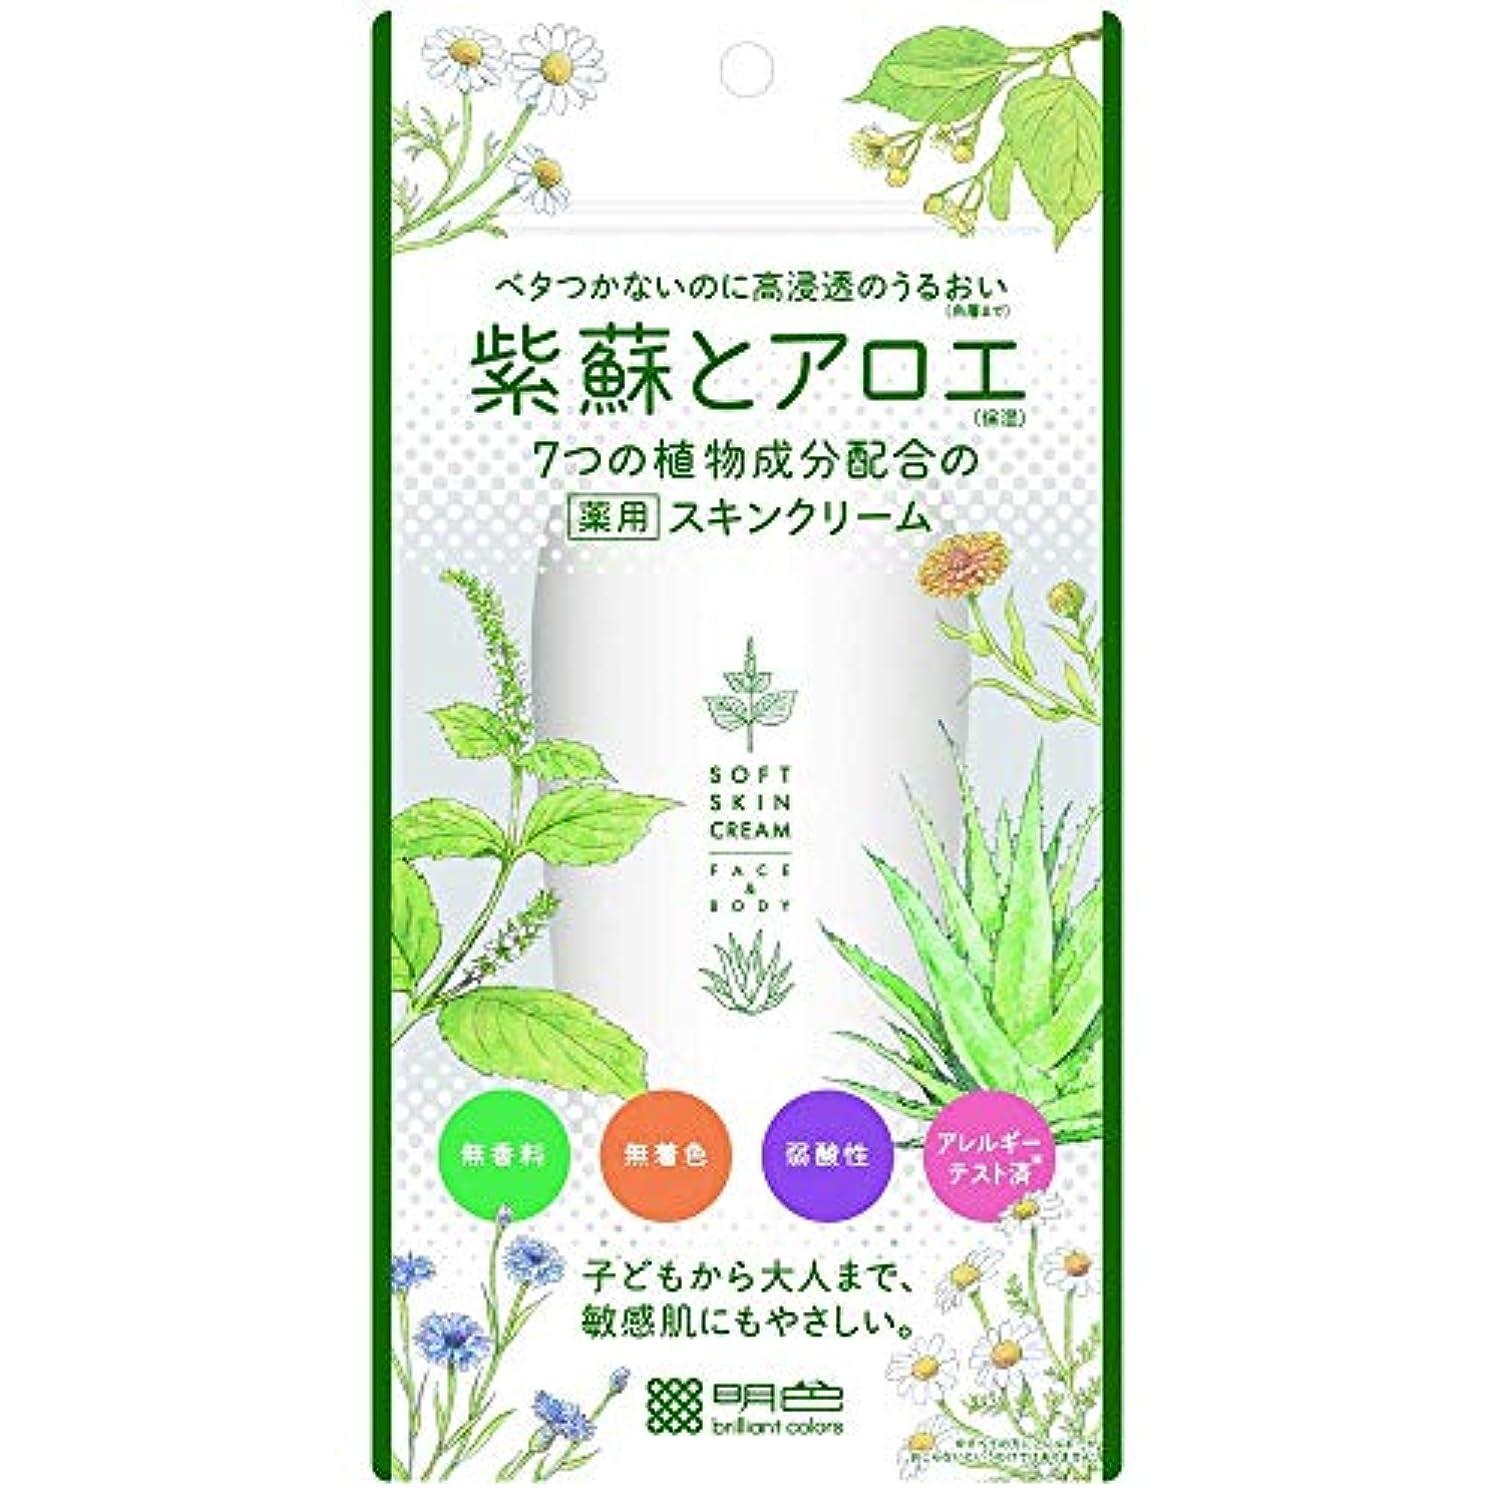 百バイソンベスト【9個セット】紫蘇とアロエ 薬用スキンクリーム 190g